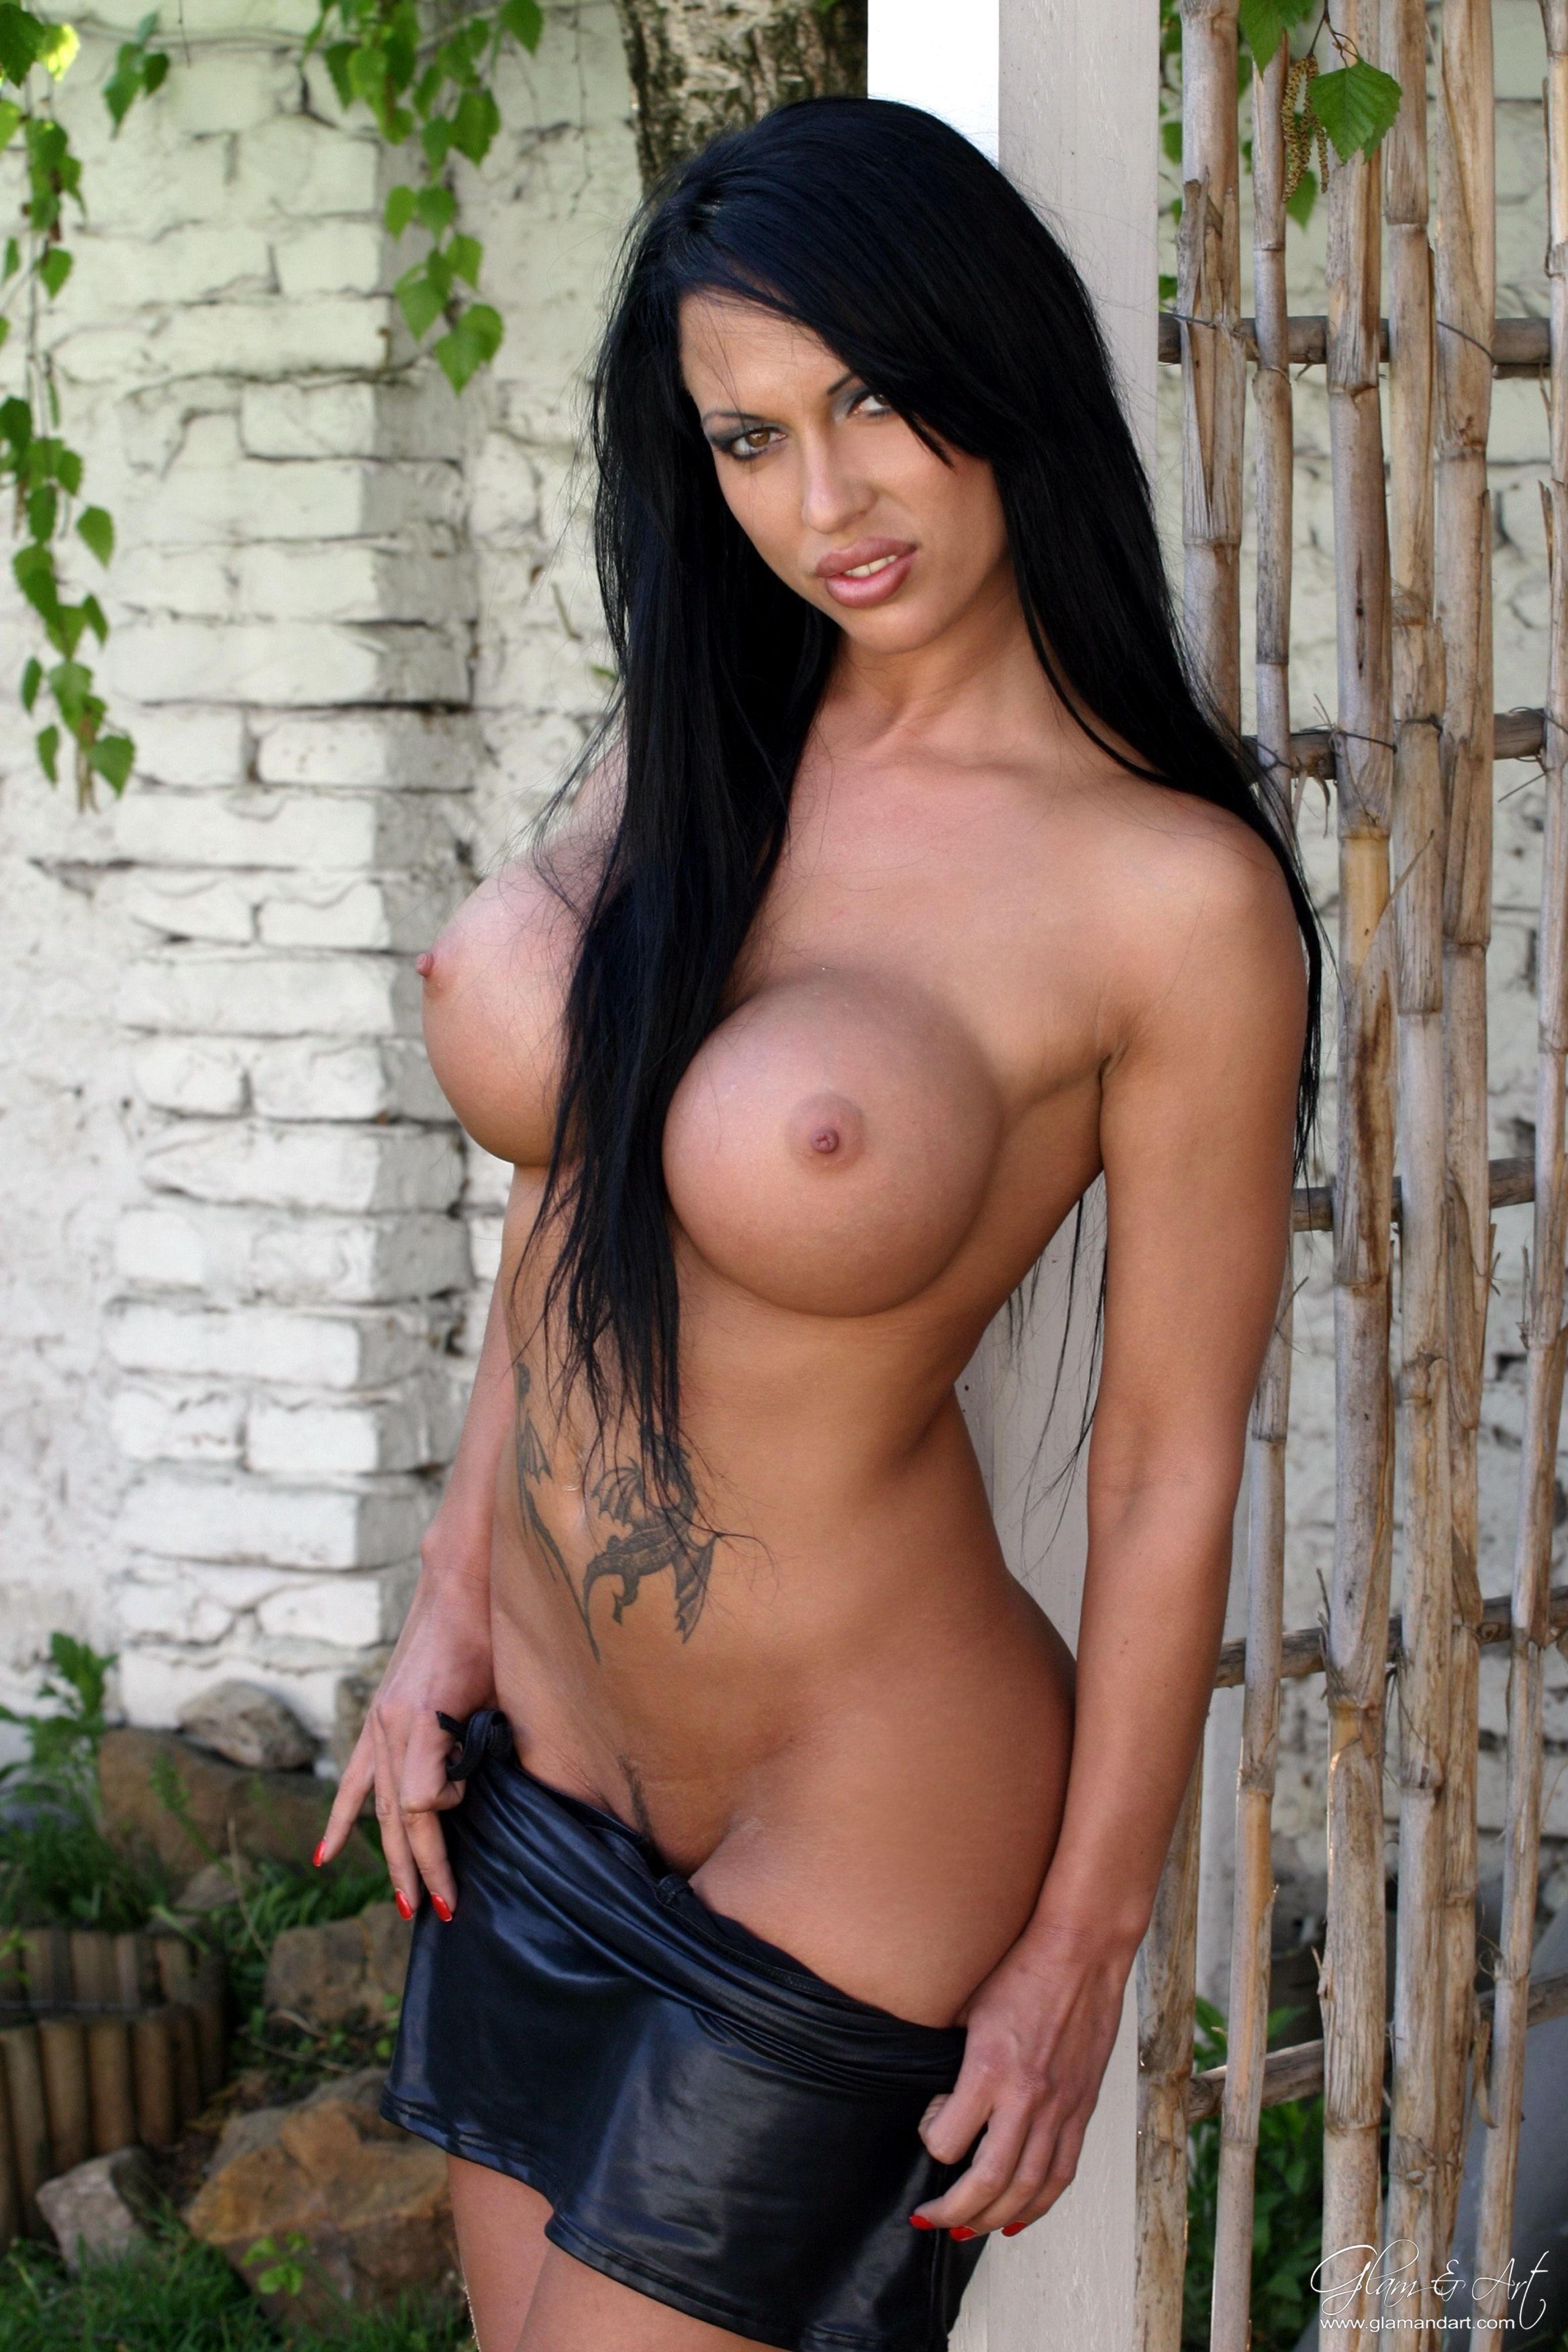 Linse Kessler breasts escort girl kbh